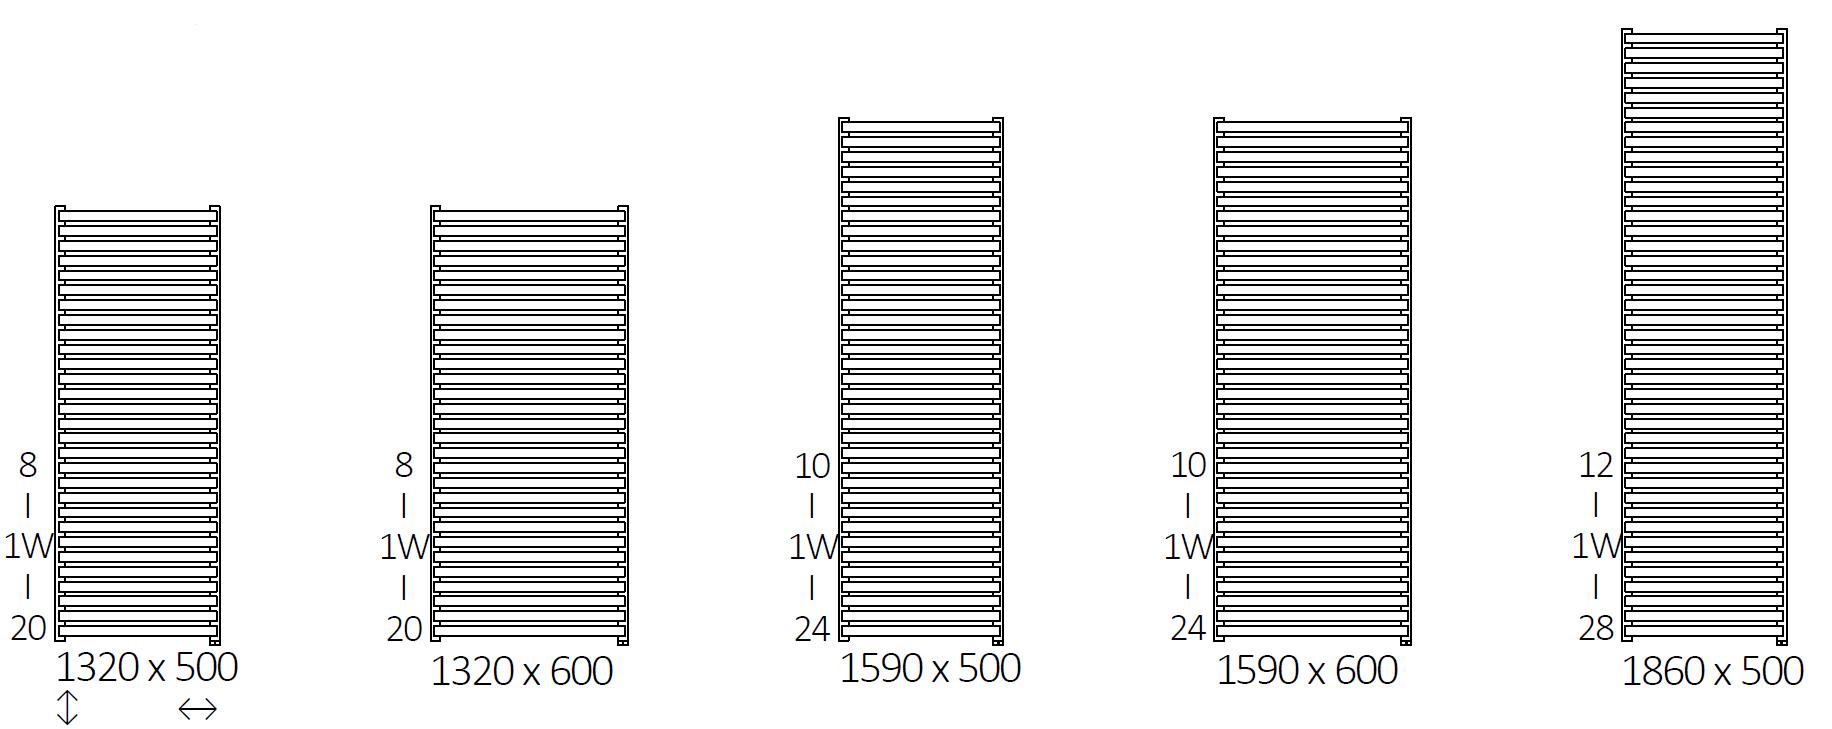 Θερμαντικό σώμα / Πετσετοκρεμάστρα TERMA City One - Τεχνικά Χαρακτηριστικά